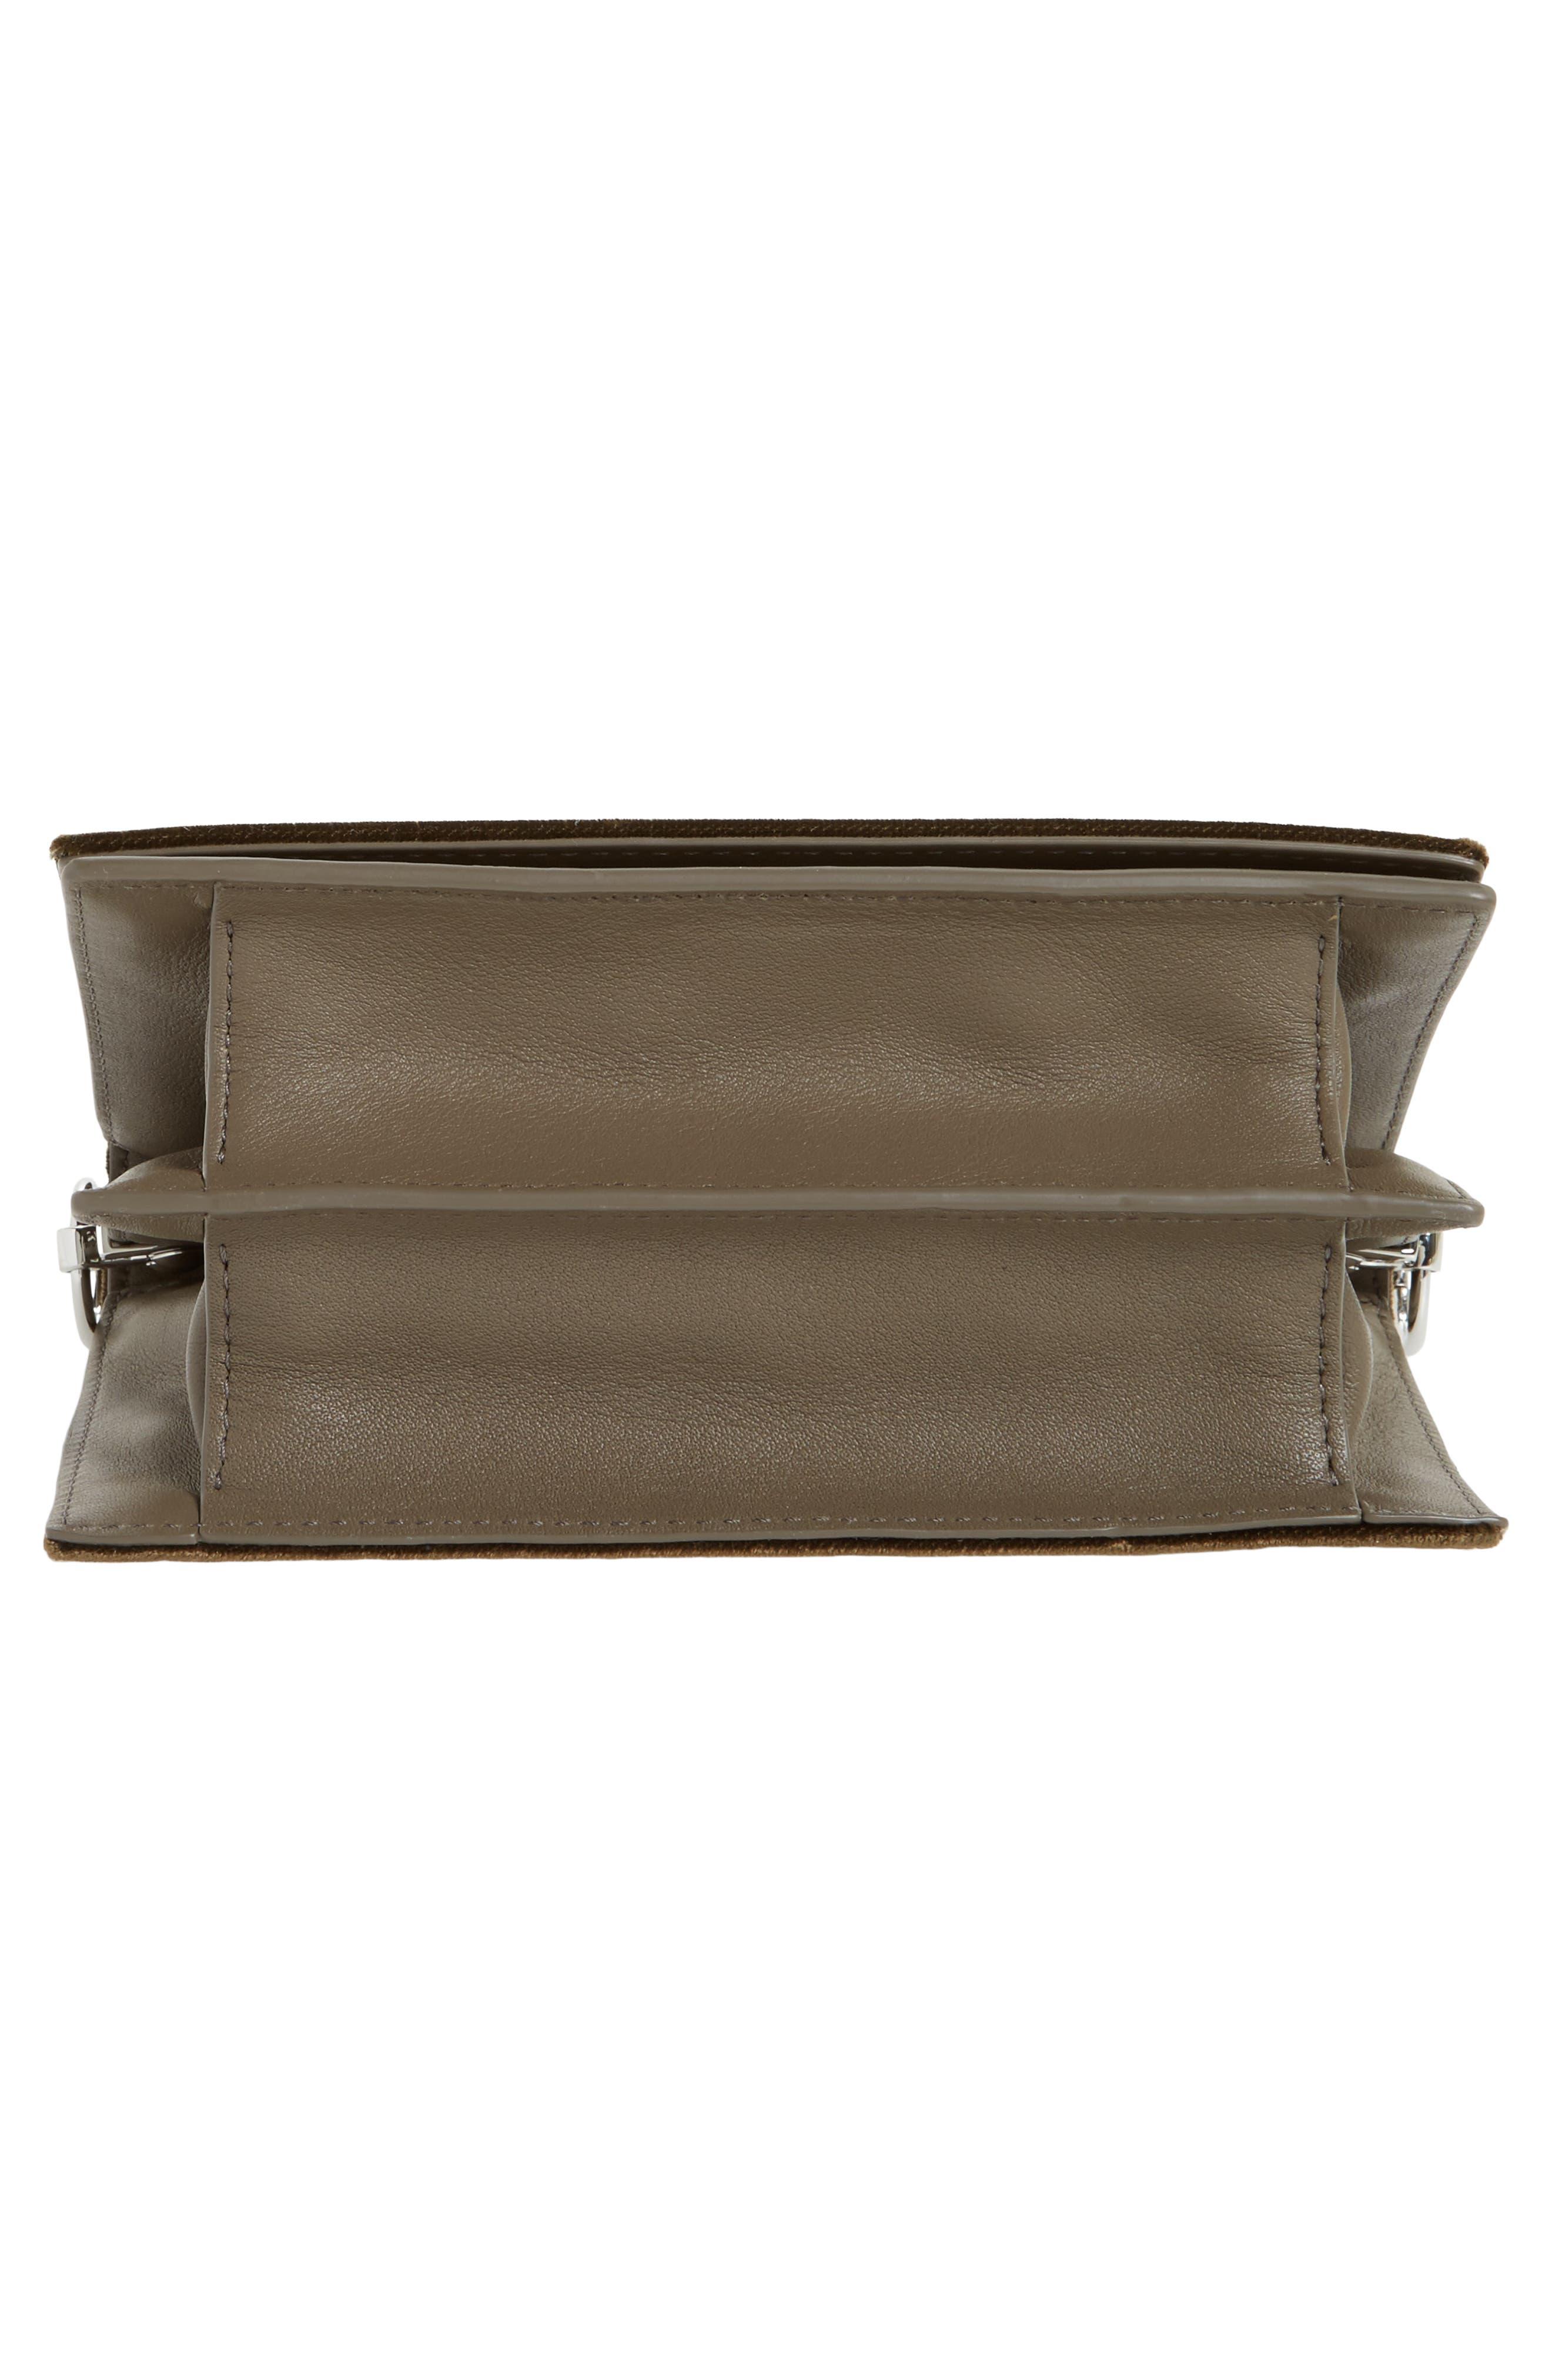 Keel Shoulder Bag,                             Alternate thumbnail 7, color,                             024